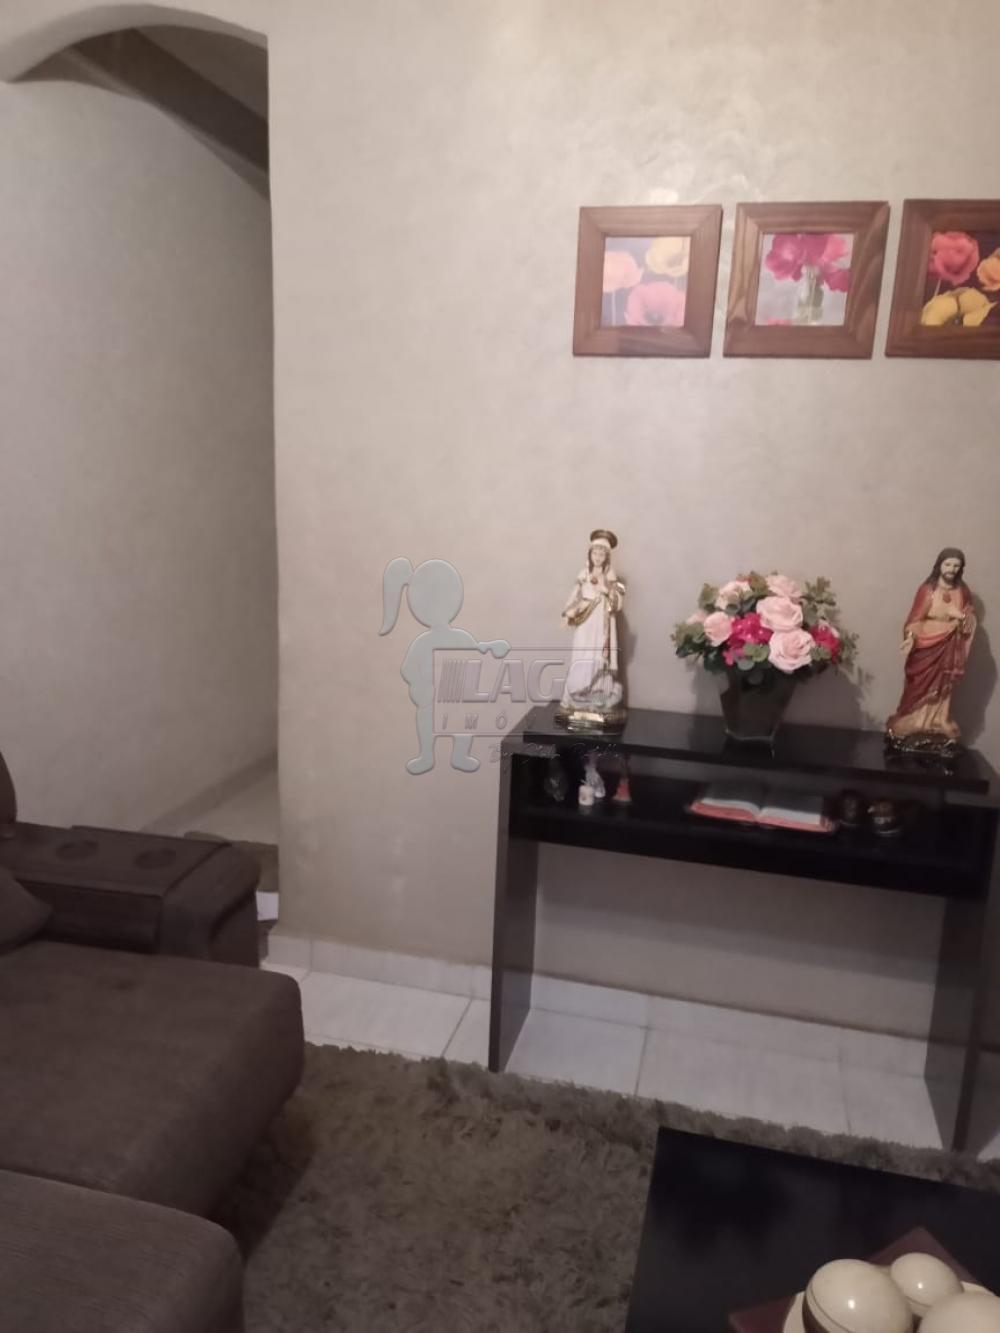 Comprar Casas / Padrão em Ribeirão Preto R$ 265.000,00 - Foto 5